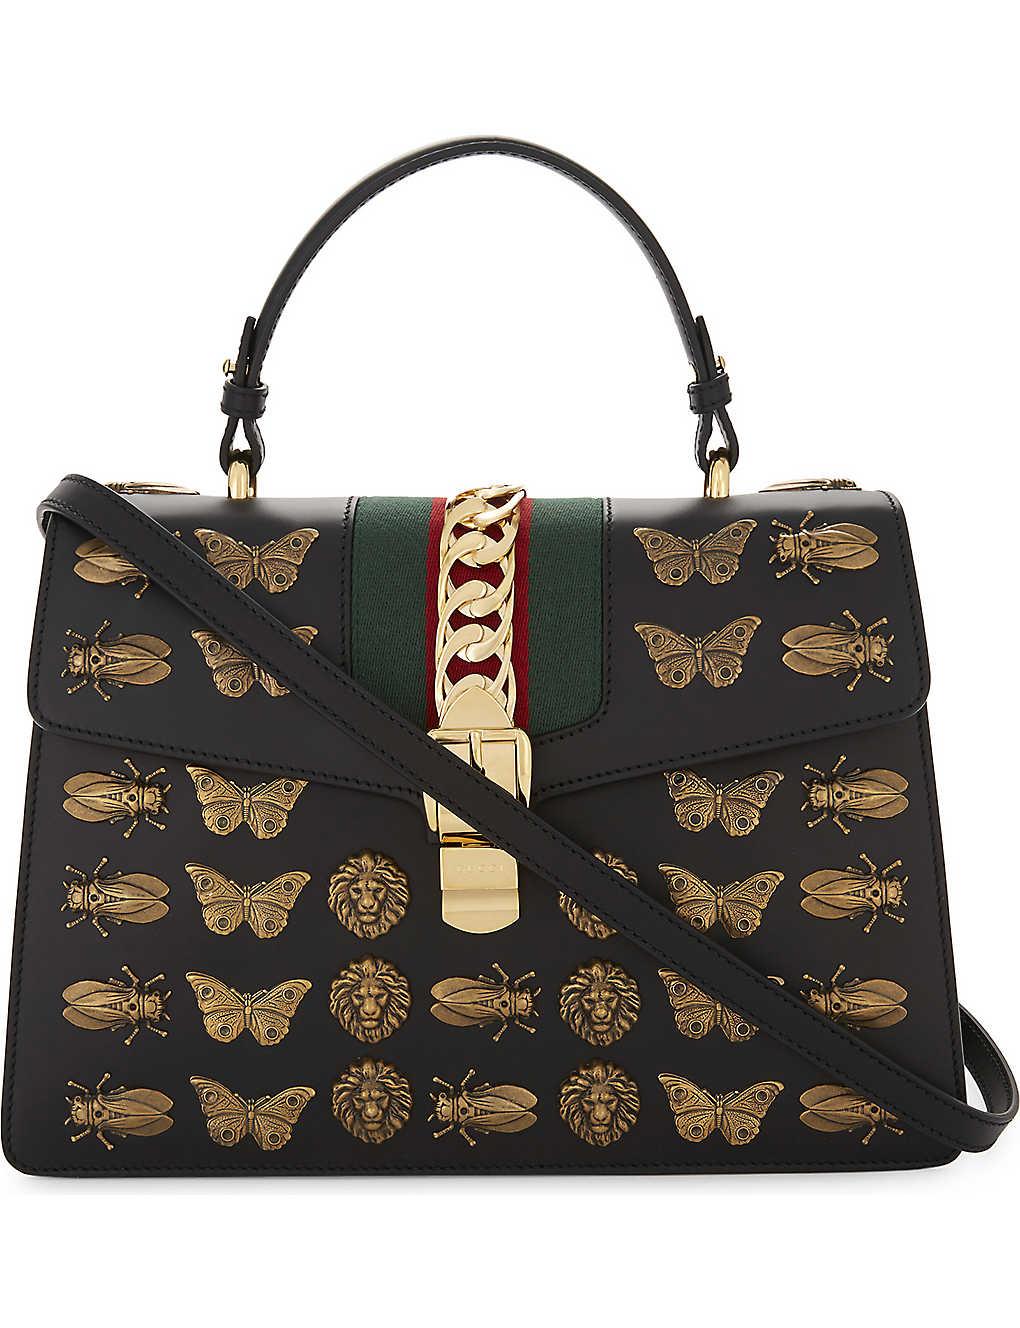 93a2d171a GUCCI - Sylvie medium leather shoulder bag | Selfridges.com